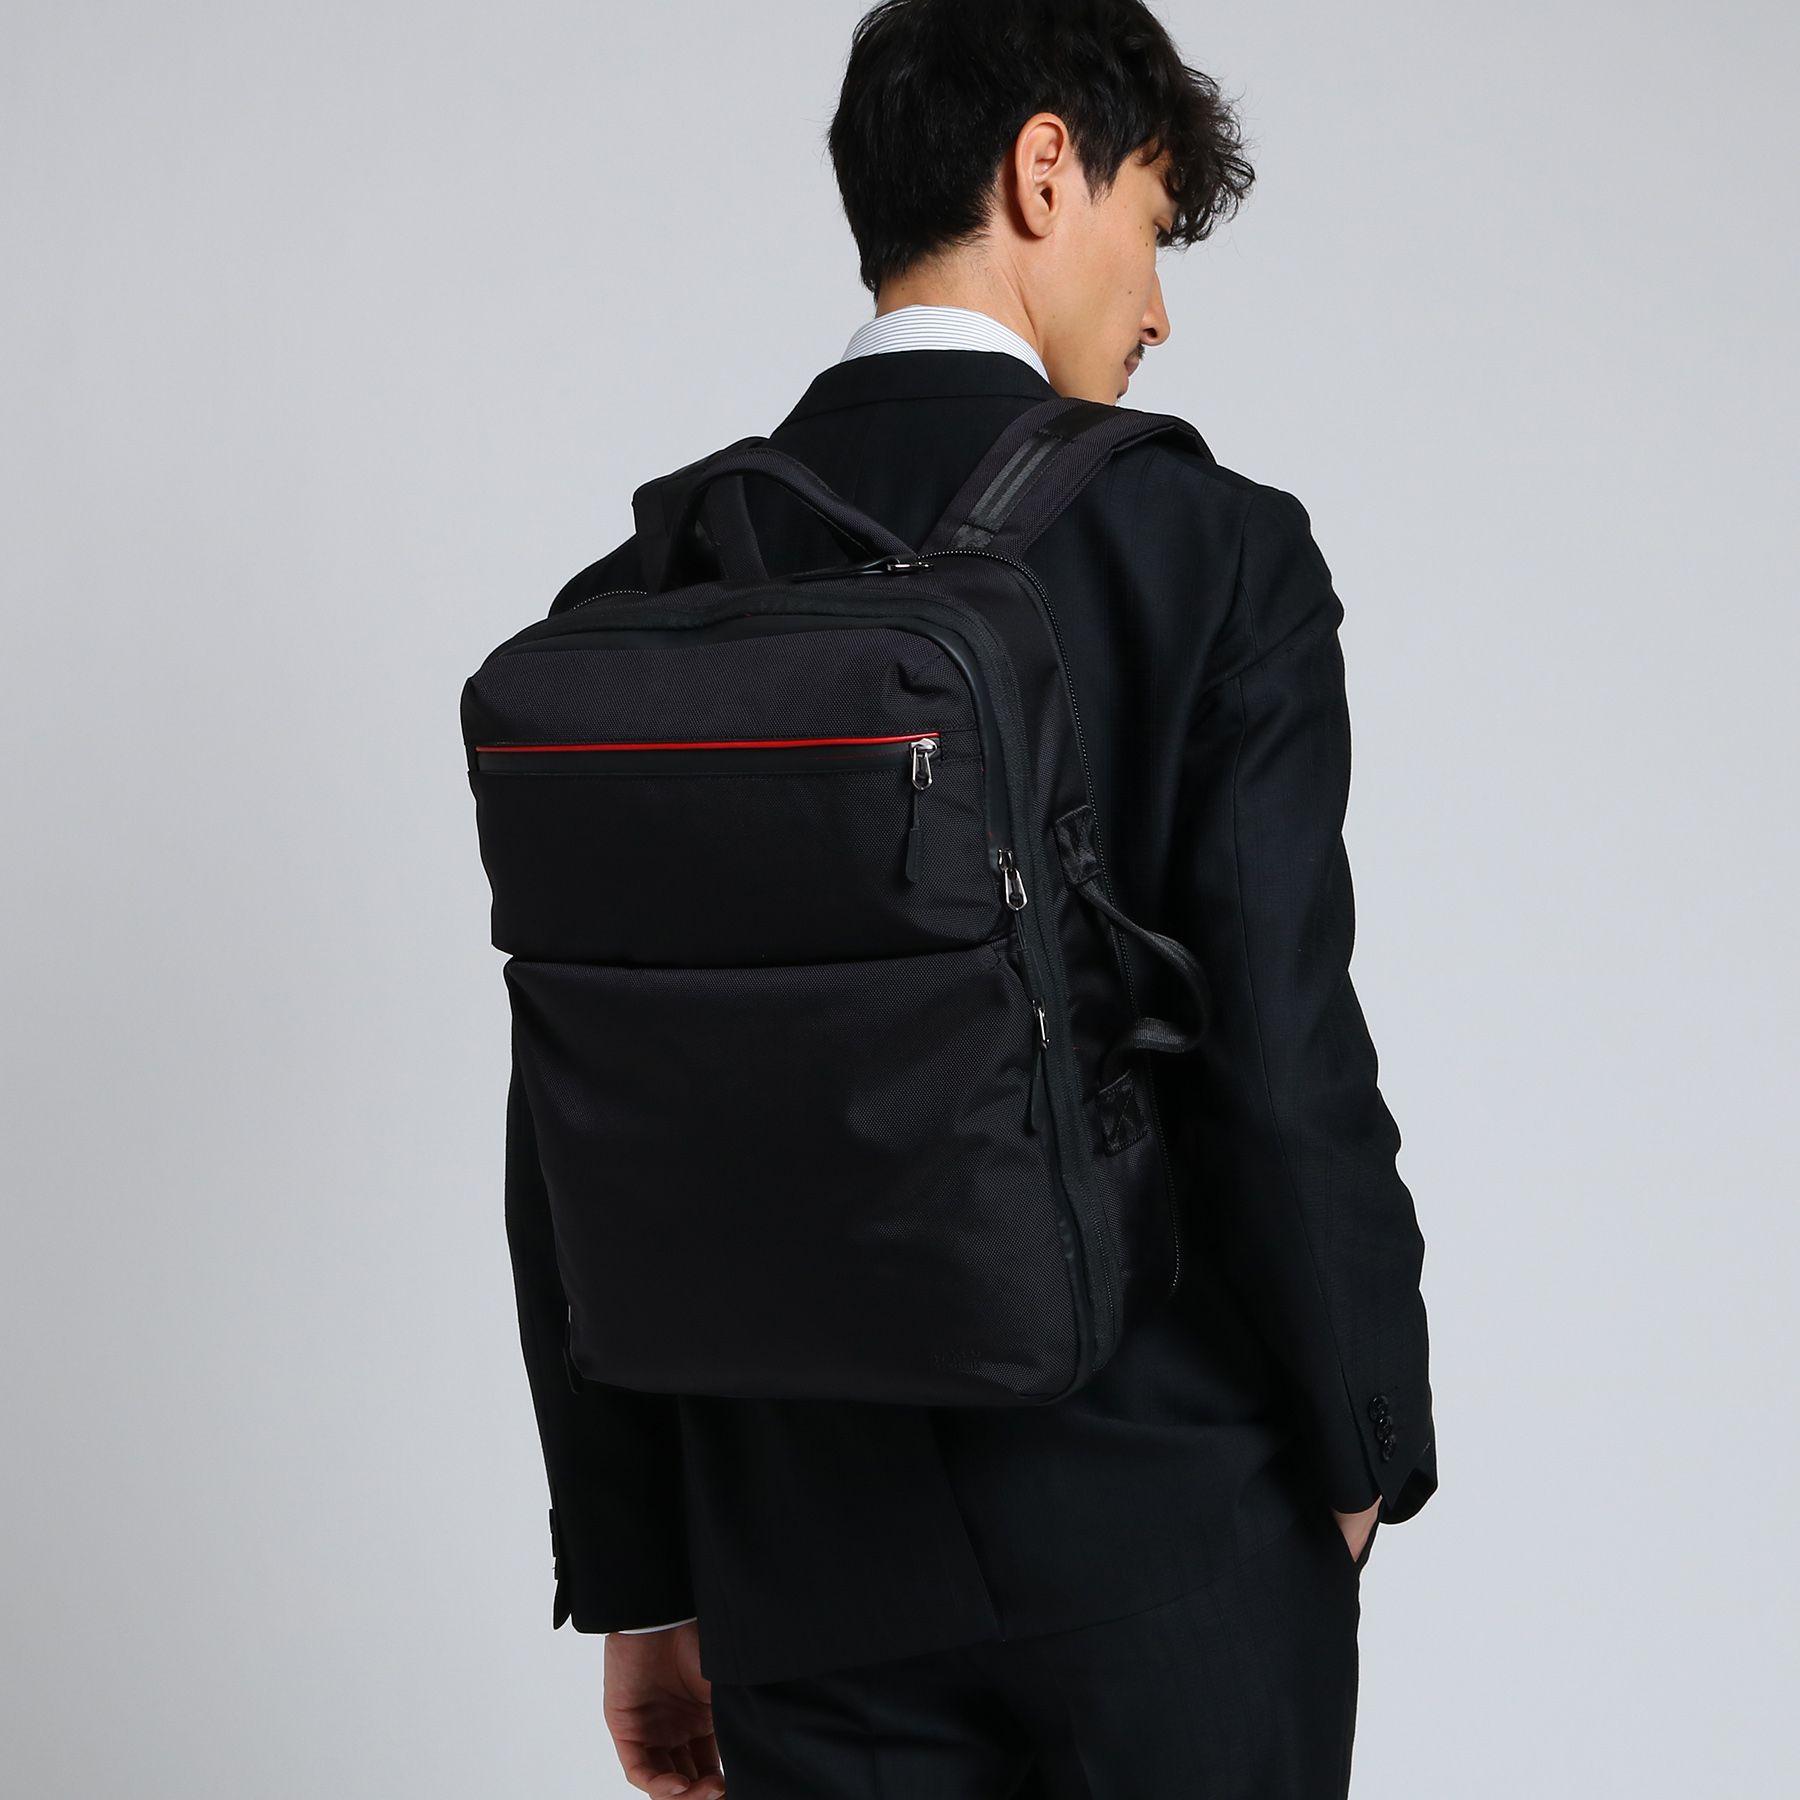 【 BPS 】 3WAYビジネスバッグ [ メンズ バッグ リュック ショルダー ]